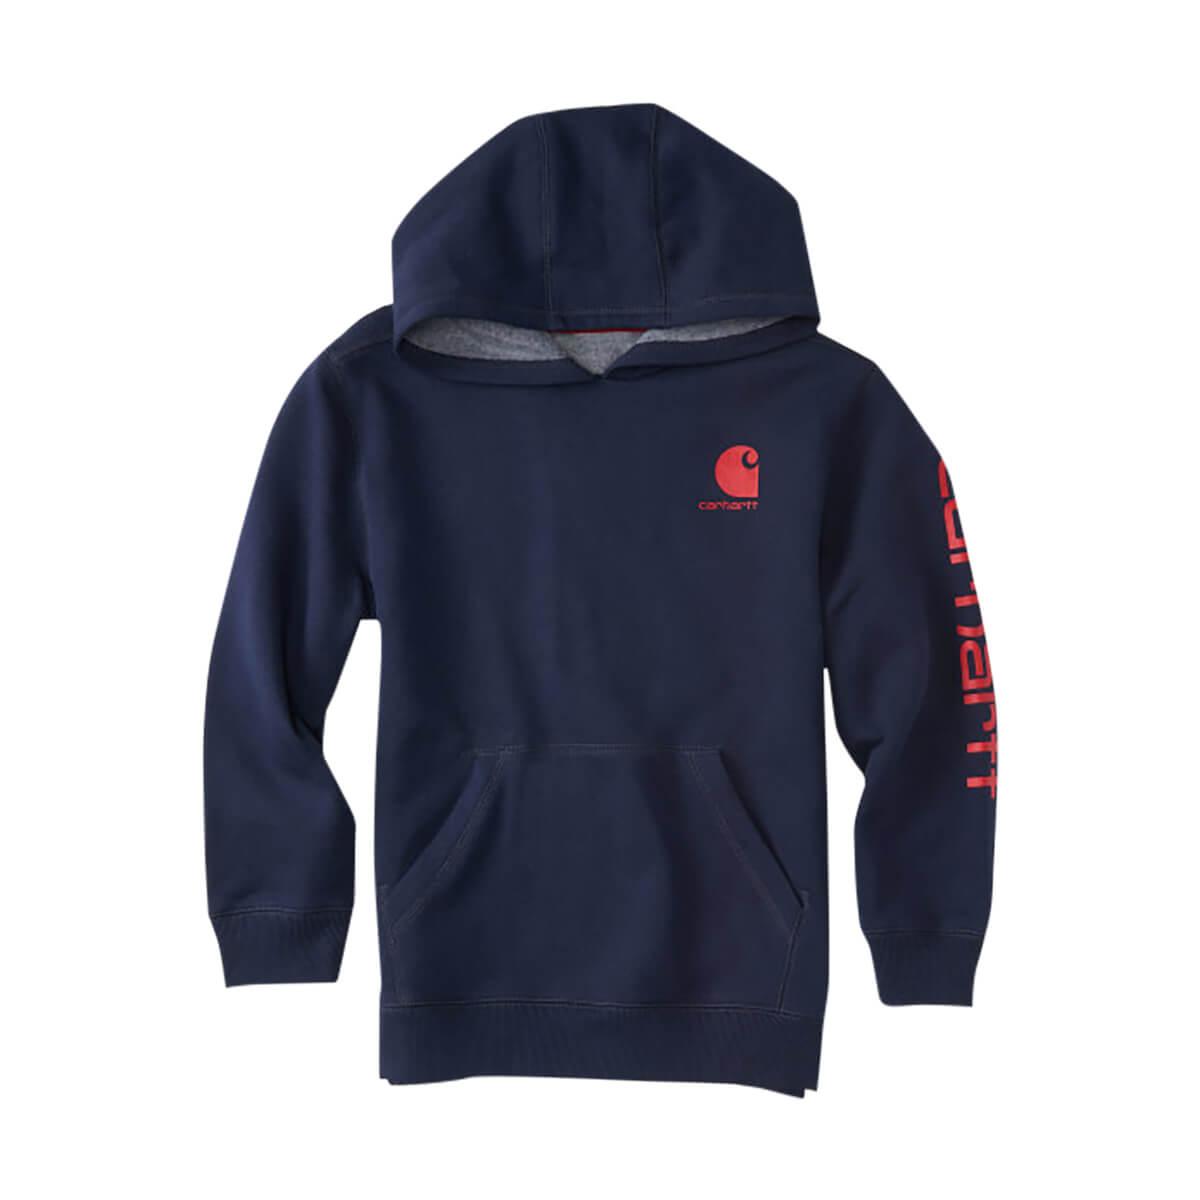 Carhartt Boys' Logo Hooded Sweatshirt - Navy - YL